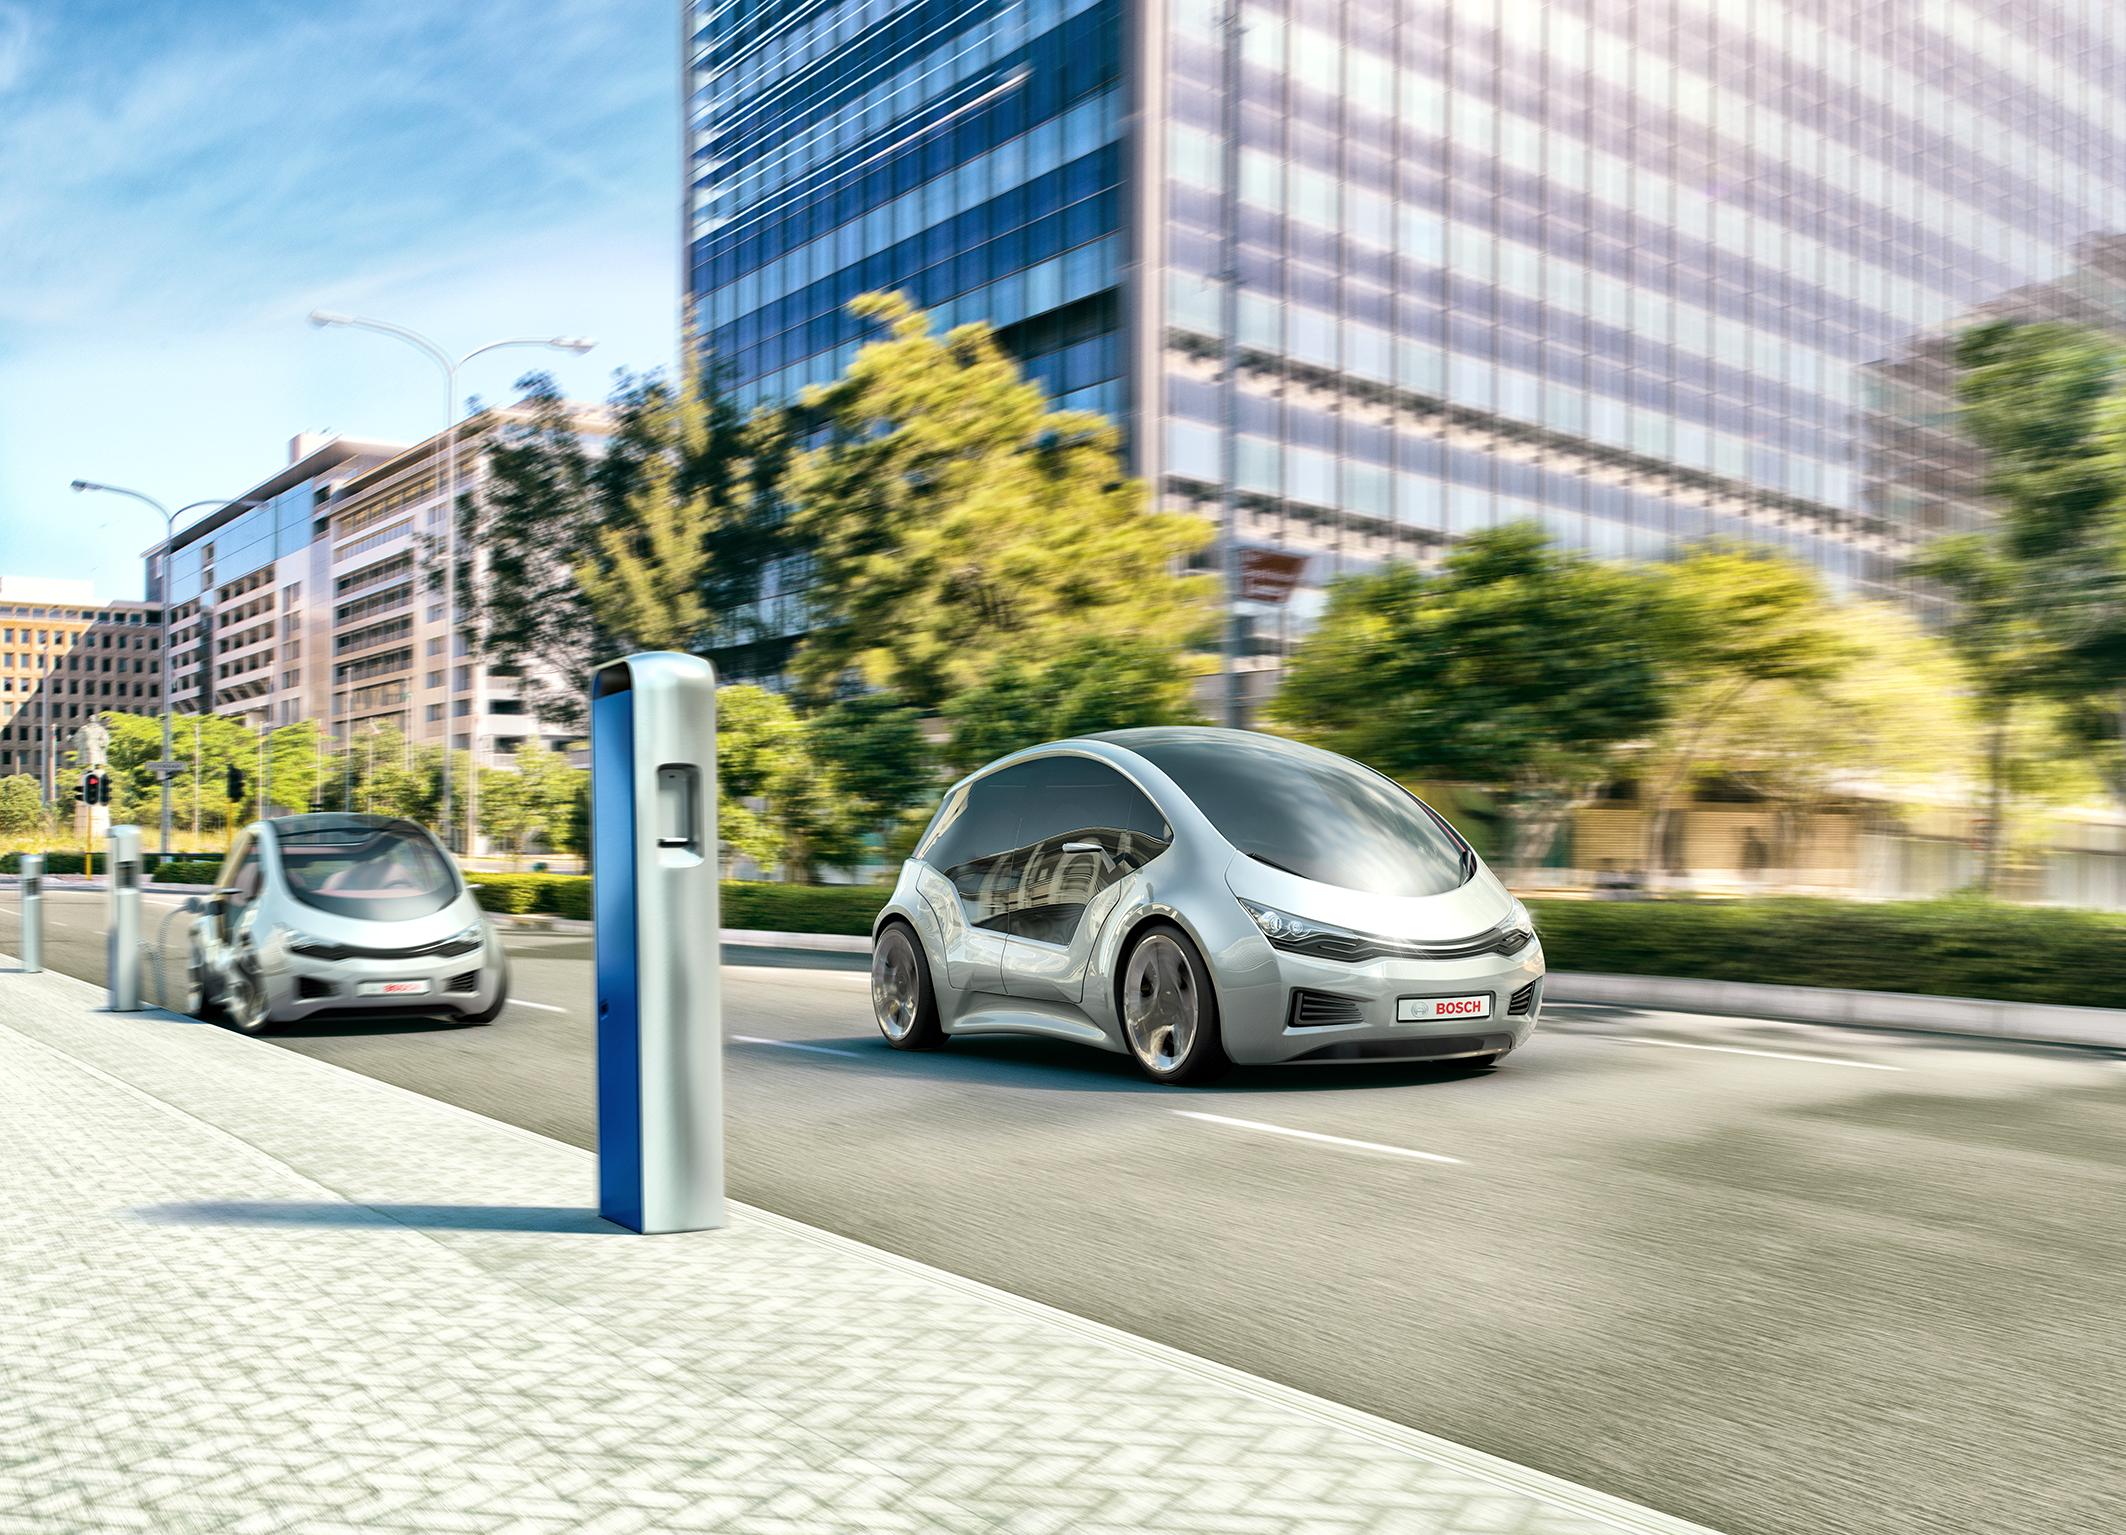 Elektromobilität ist wichtiges Zukunftsfeld